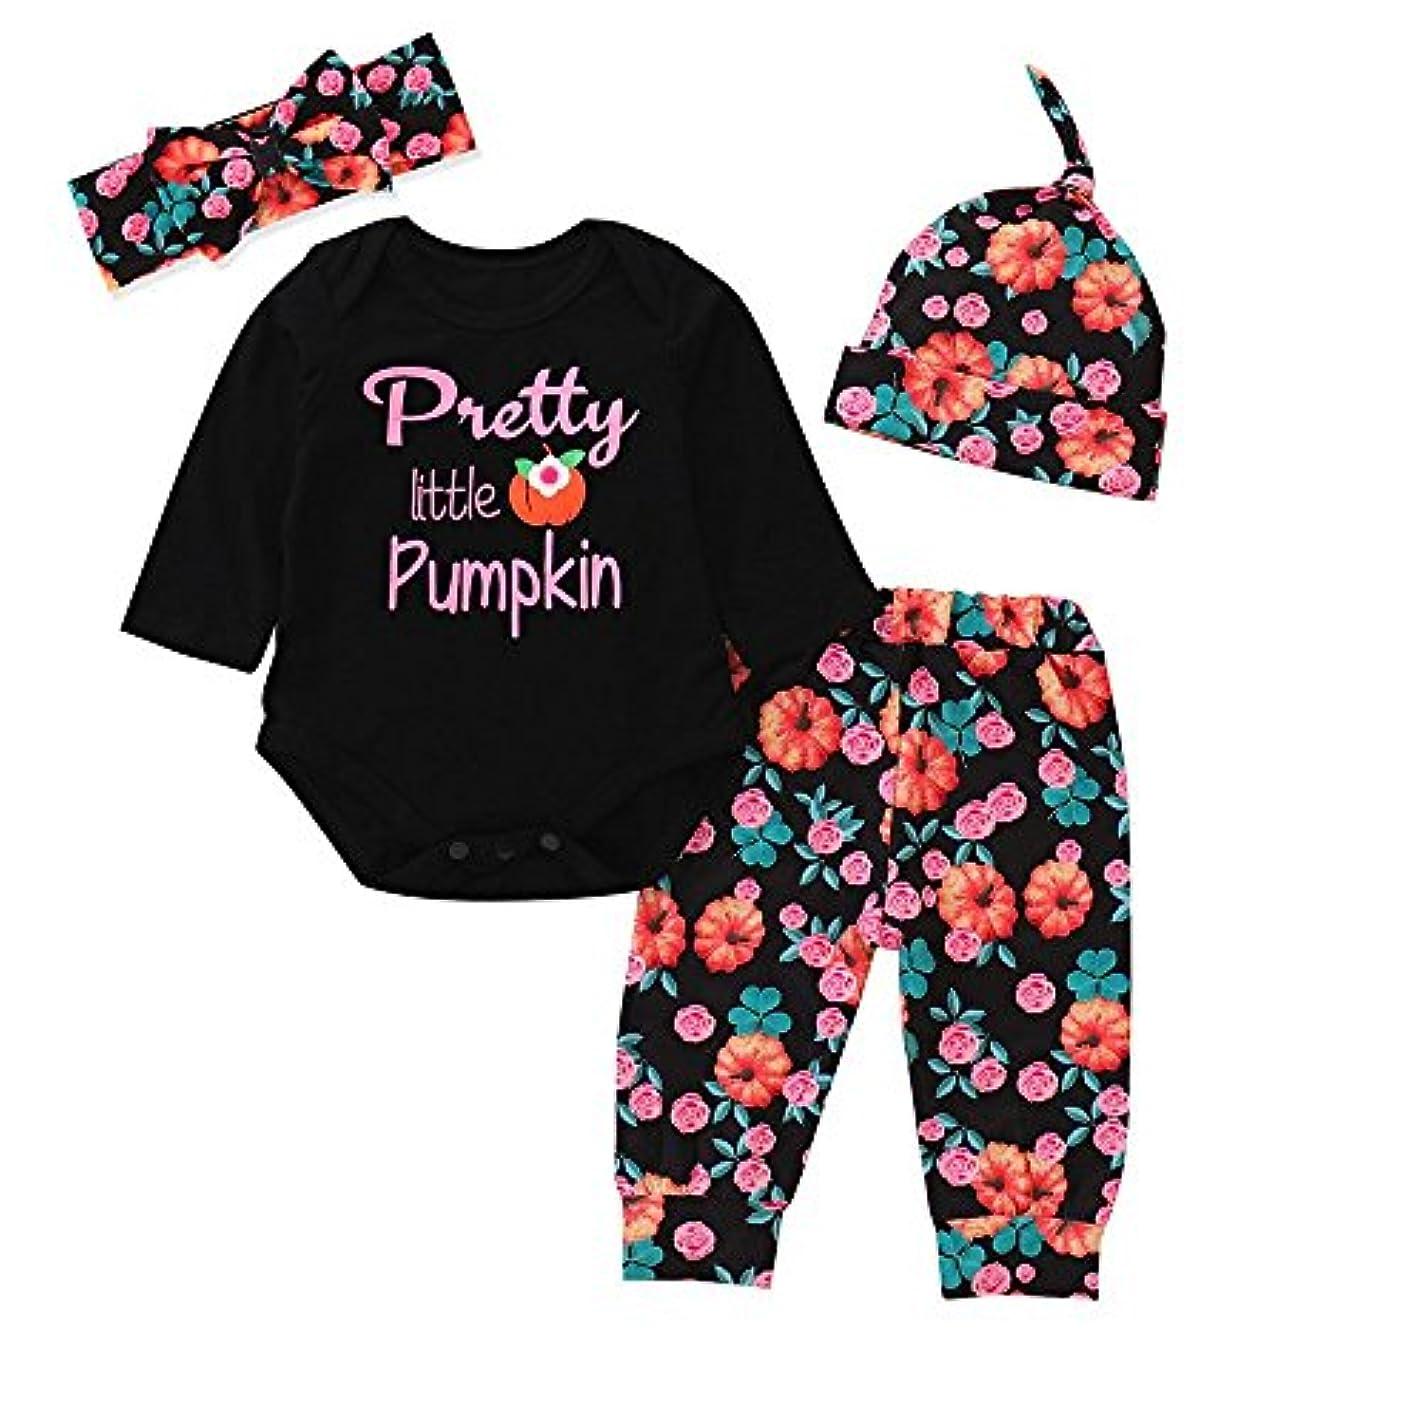 日の出瞑想お肉BHKK 子供 幼児少年少女ハロウィンパンプキンレターロンパートップス+パンツ+ヘッドバンド+キャップ 6ヶ月 - 24ヶ月 12ヶ月